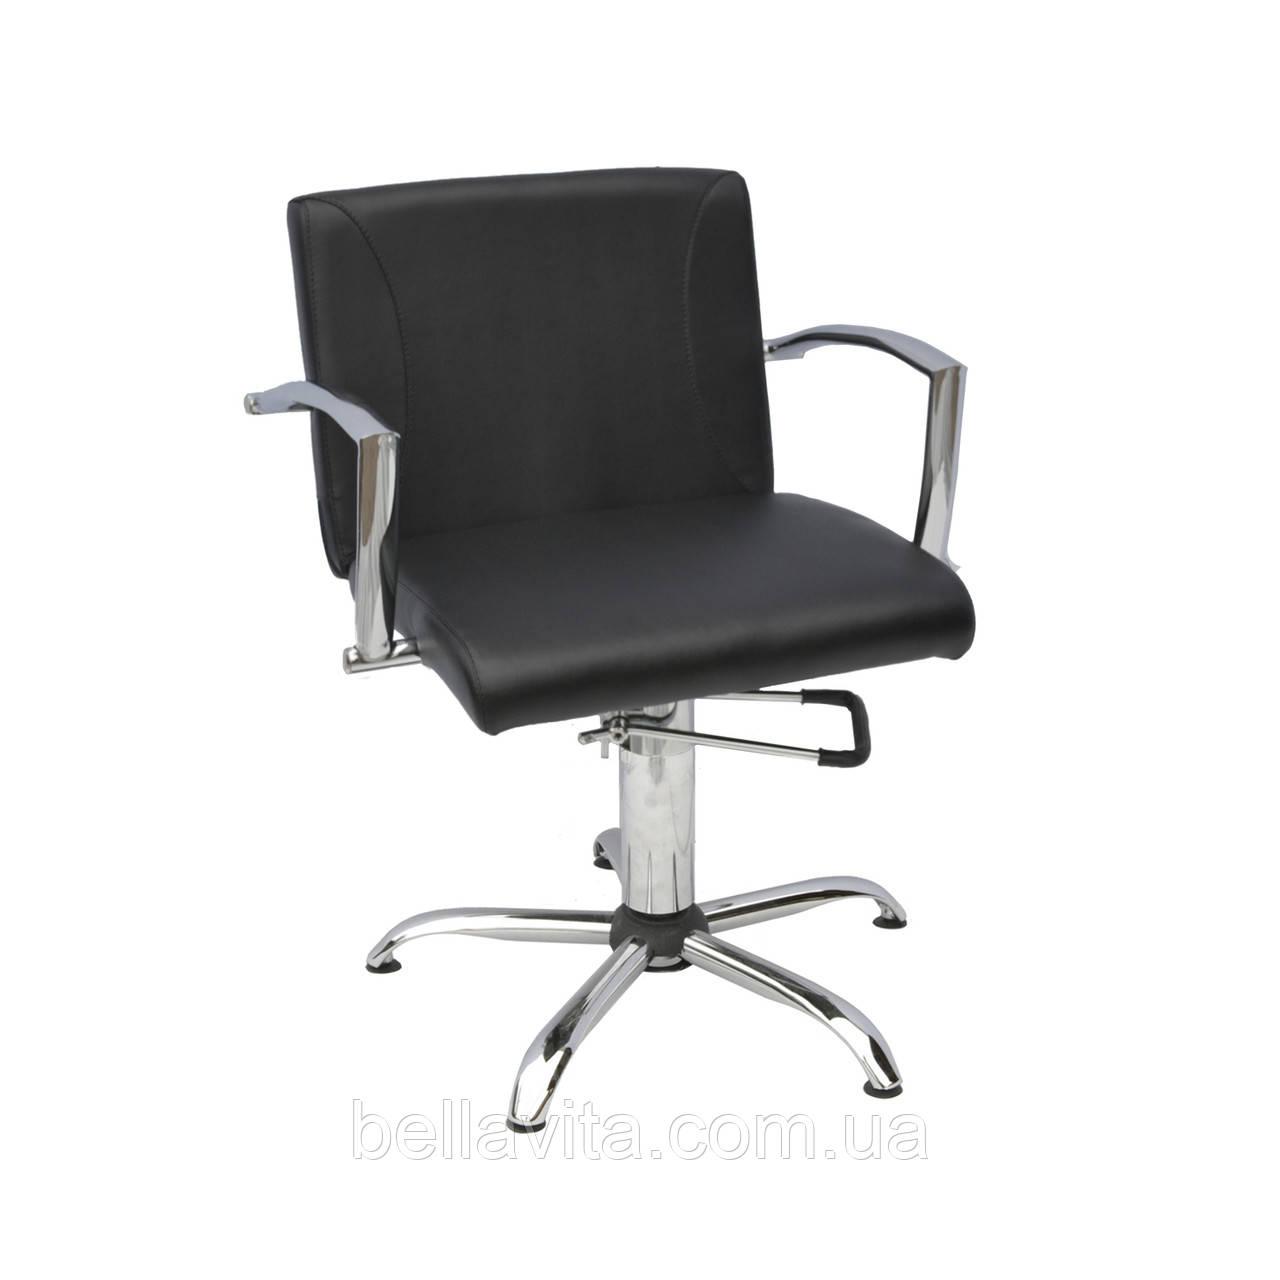 Перукарське крісло Кармен